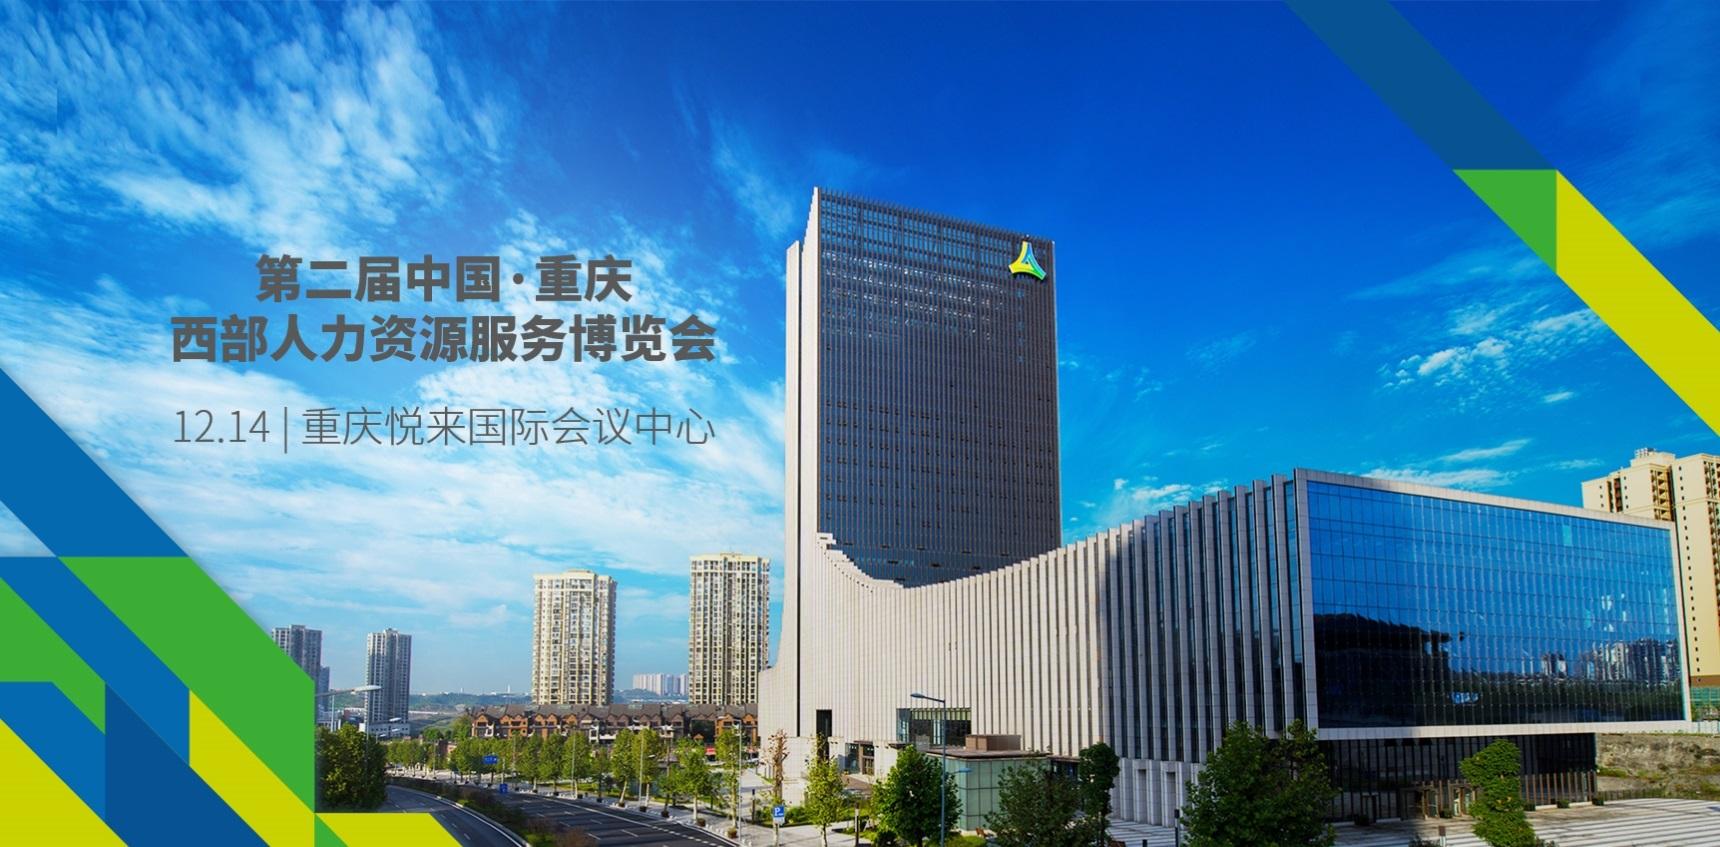 关于举办中国人力资源服务行业发展 系列活动(武汉场)的邀请函